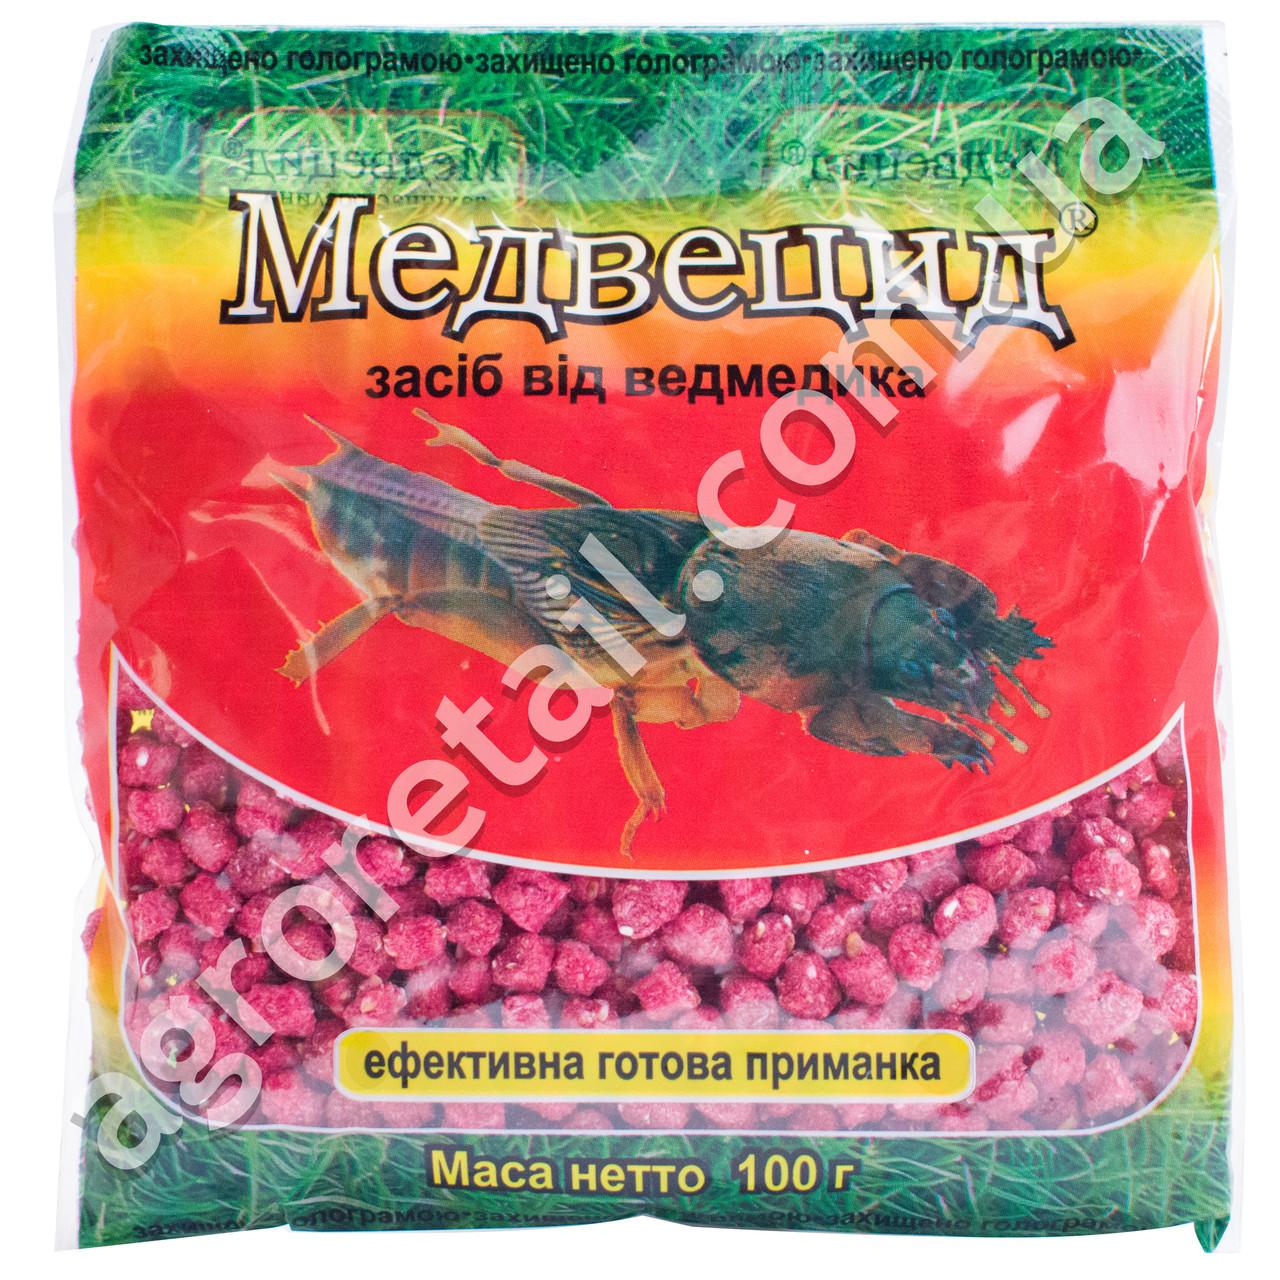 Инсектицид Медвецид гранула 100 г